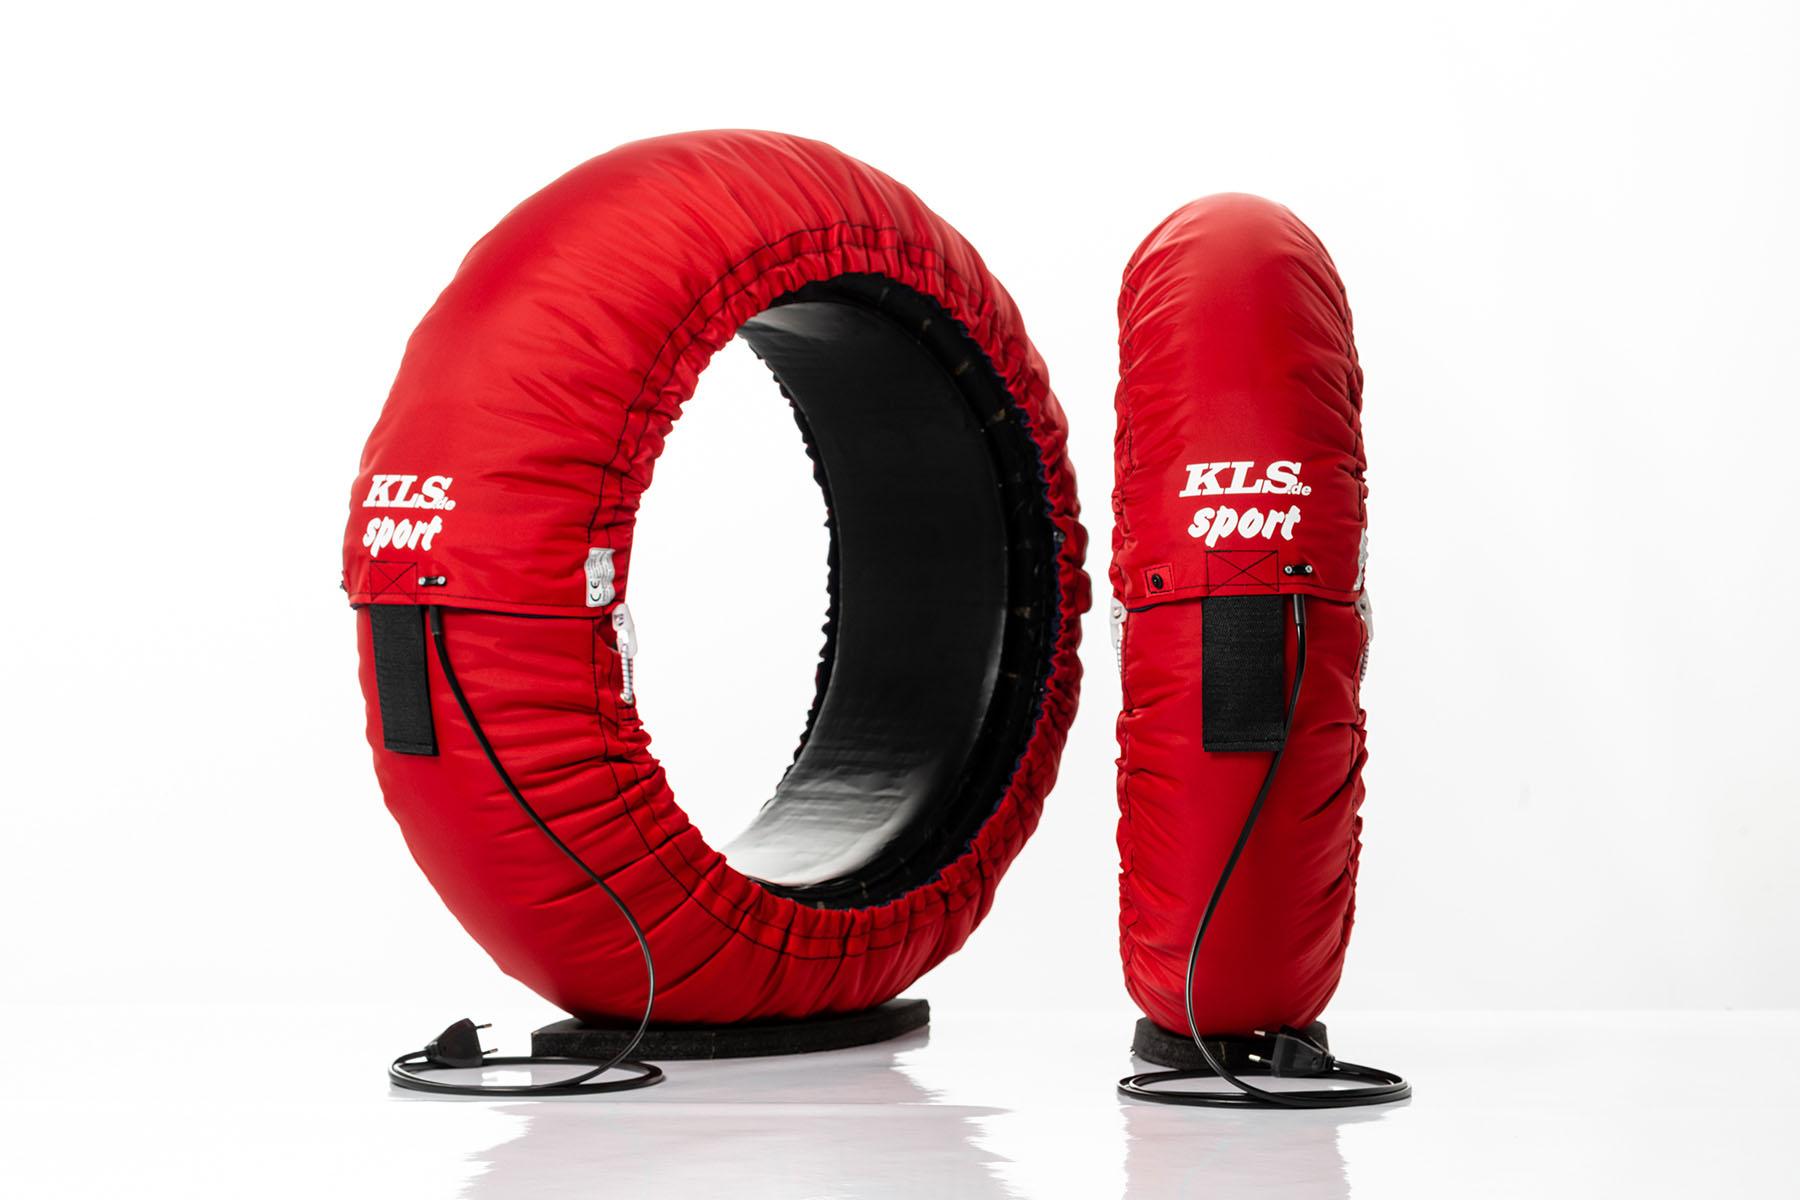 tyrewarmer--kls-sport-color-red